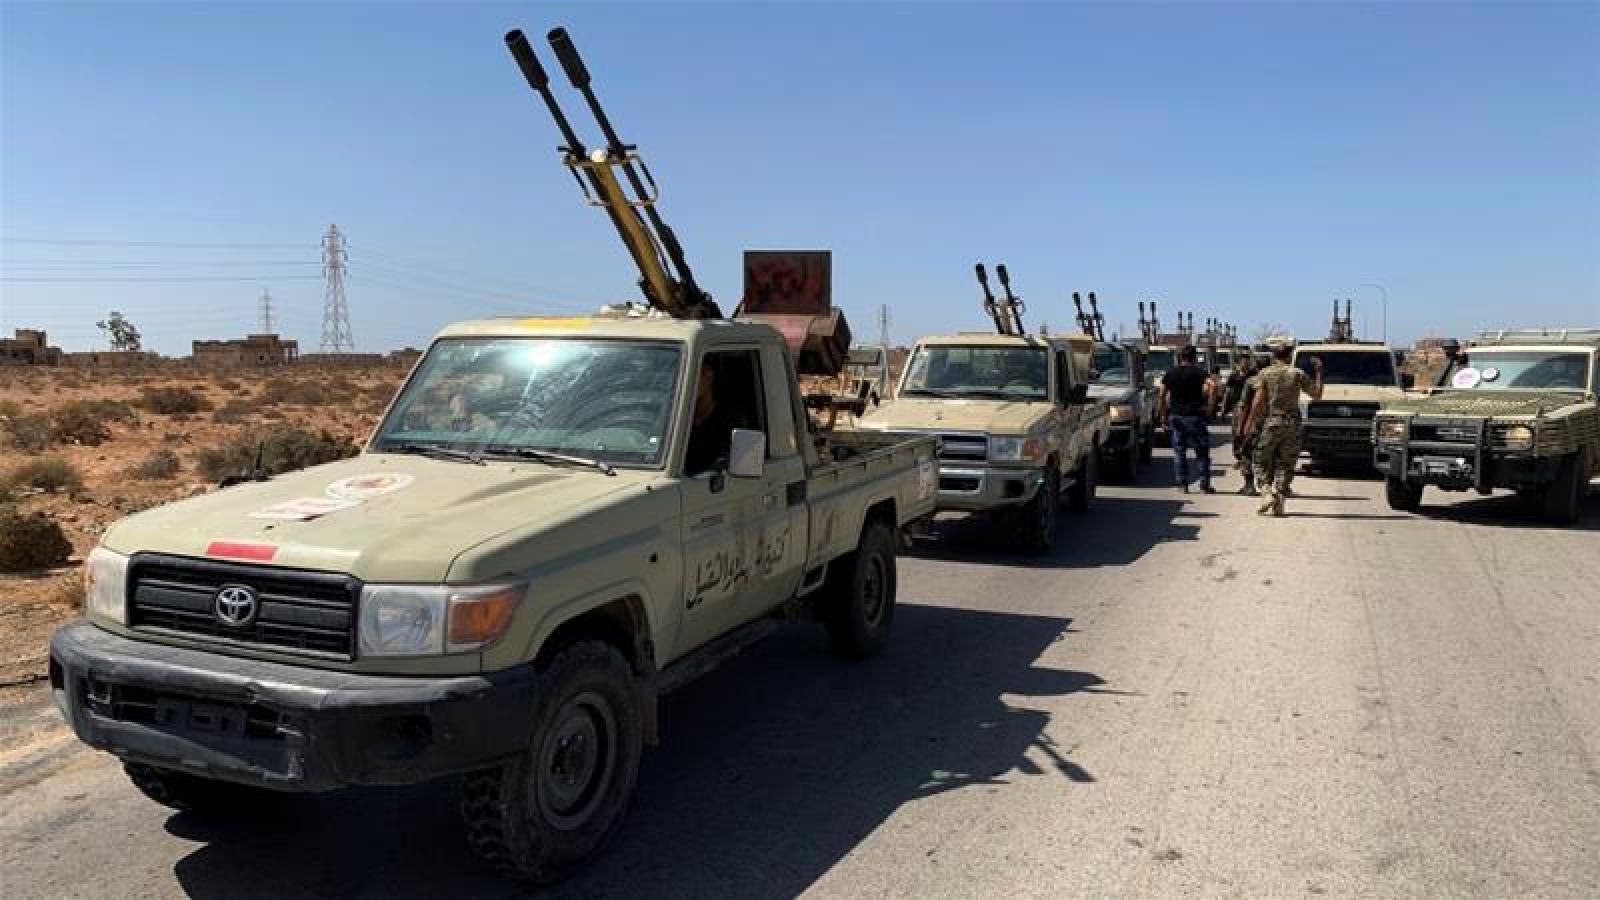 """Thổ Nhĩ Kỳ cảnh báo Ai Cập về """"cuộc phiêu lưu nguy hiểm"""" ở Libya"""